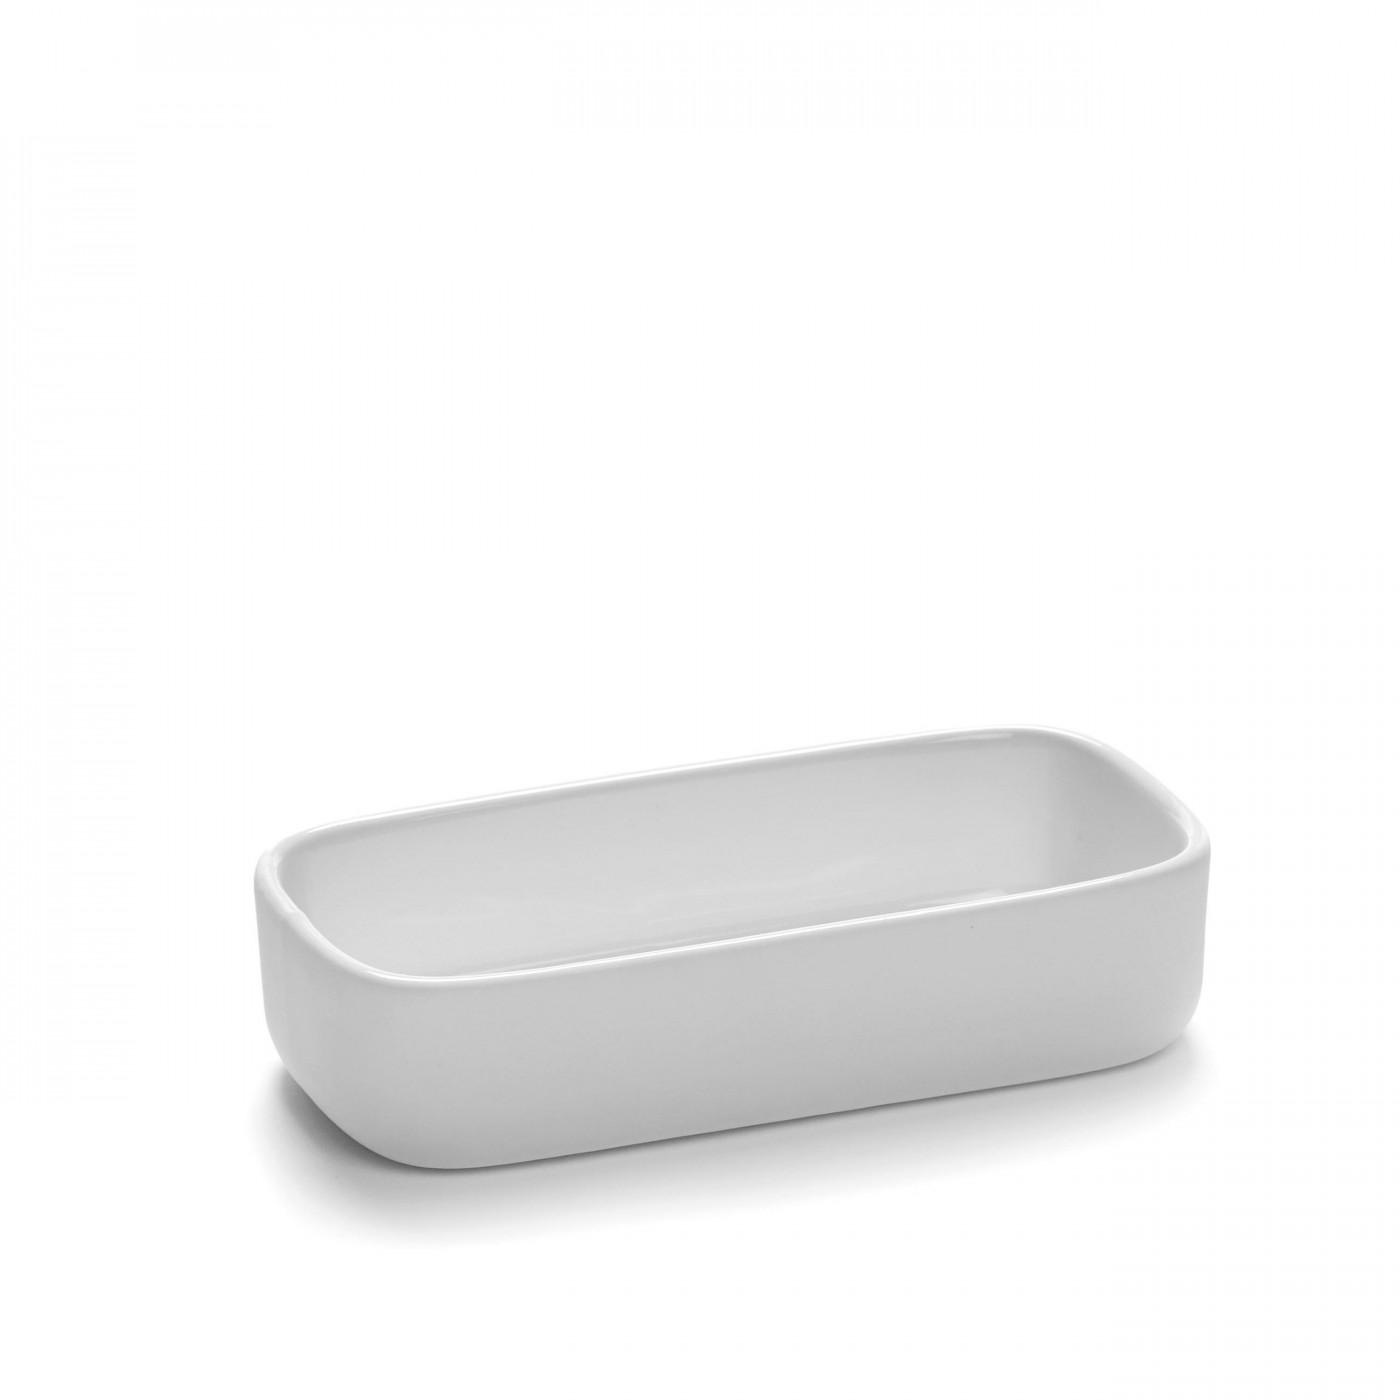 Bol rectangulaire en porcelaine blanche 12x6cm